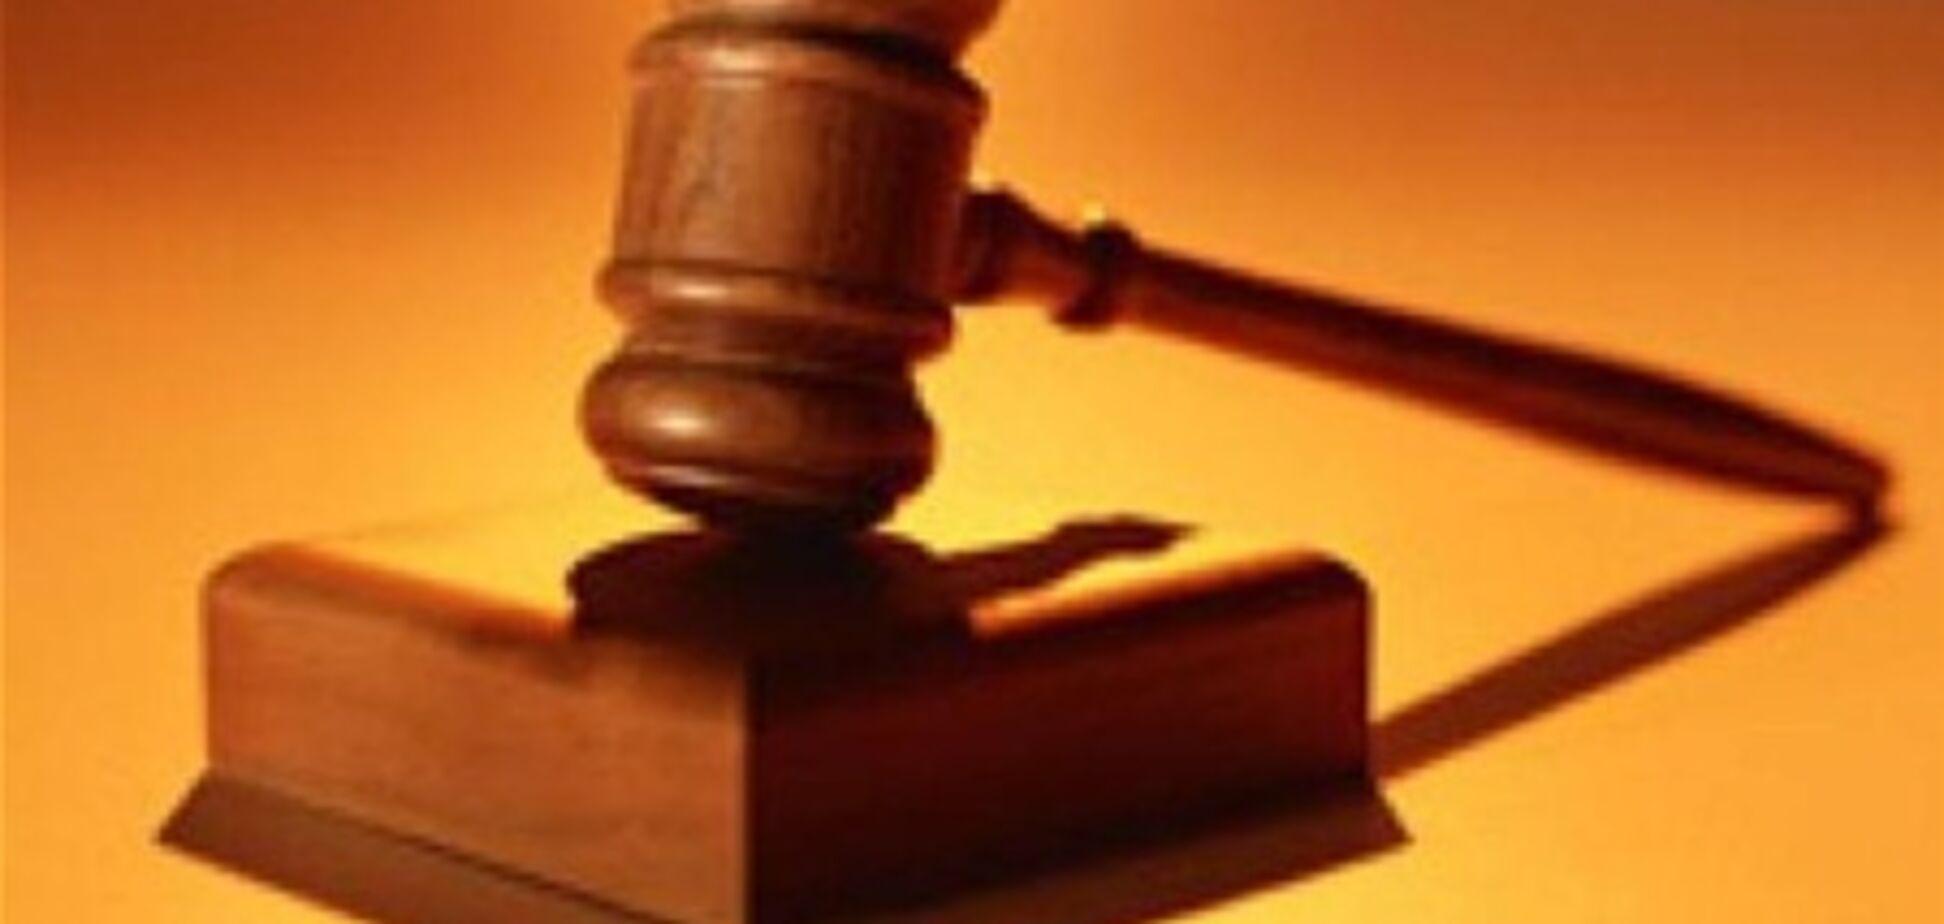 Против Коршуновой возбуждено уголовное дело